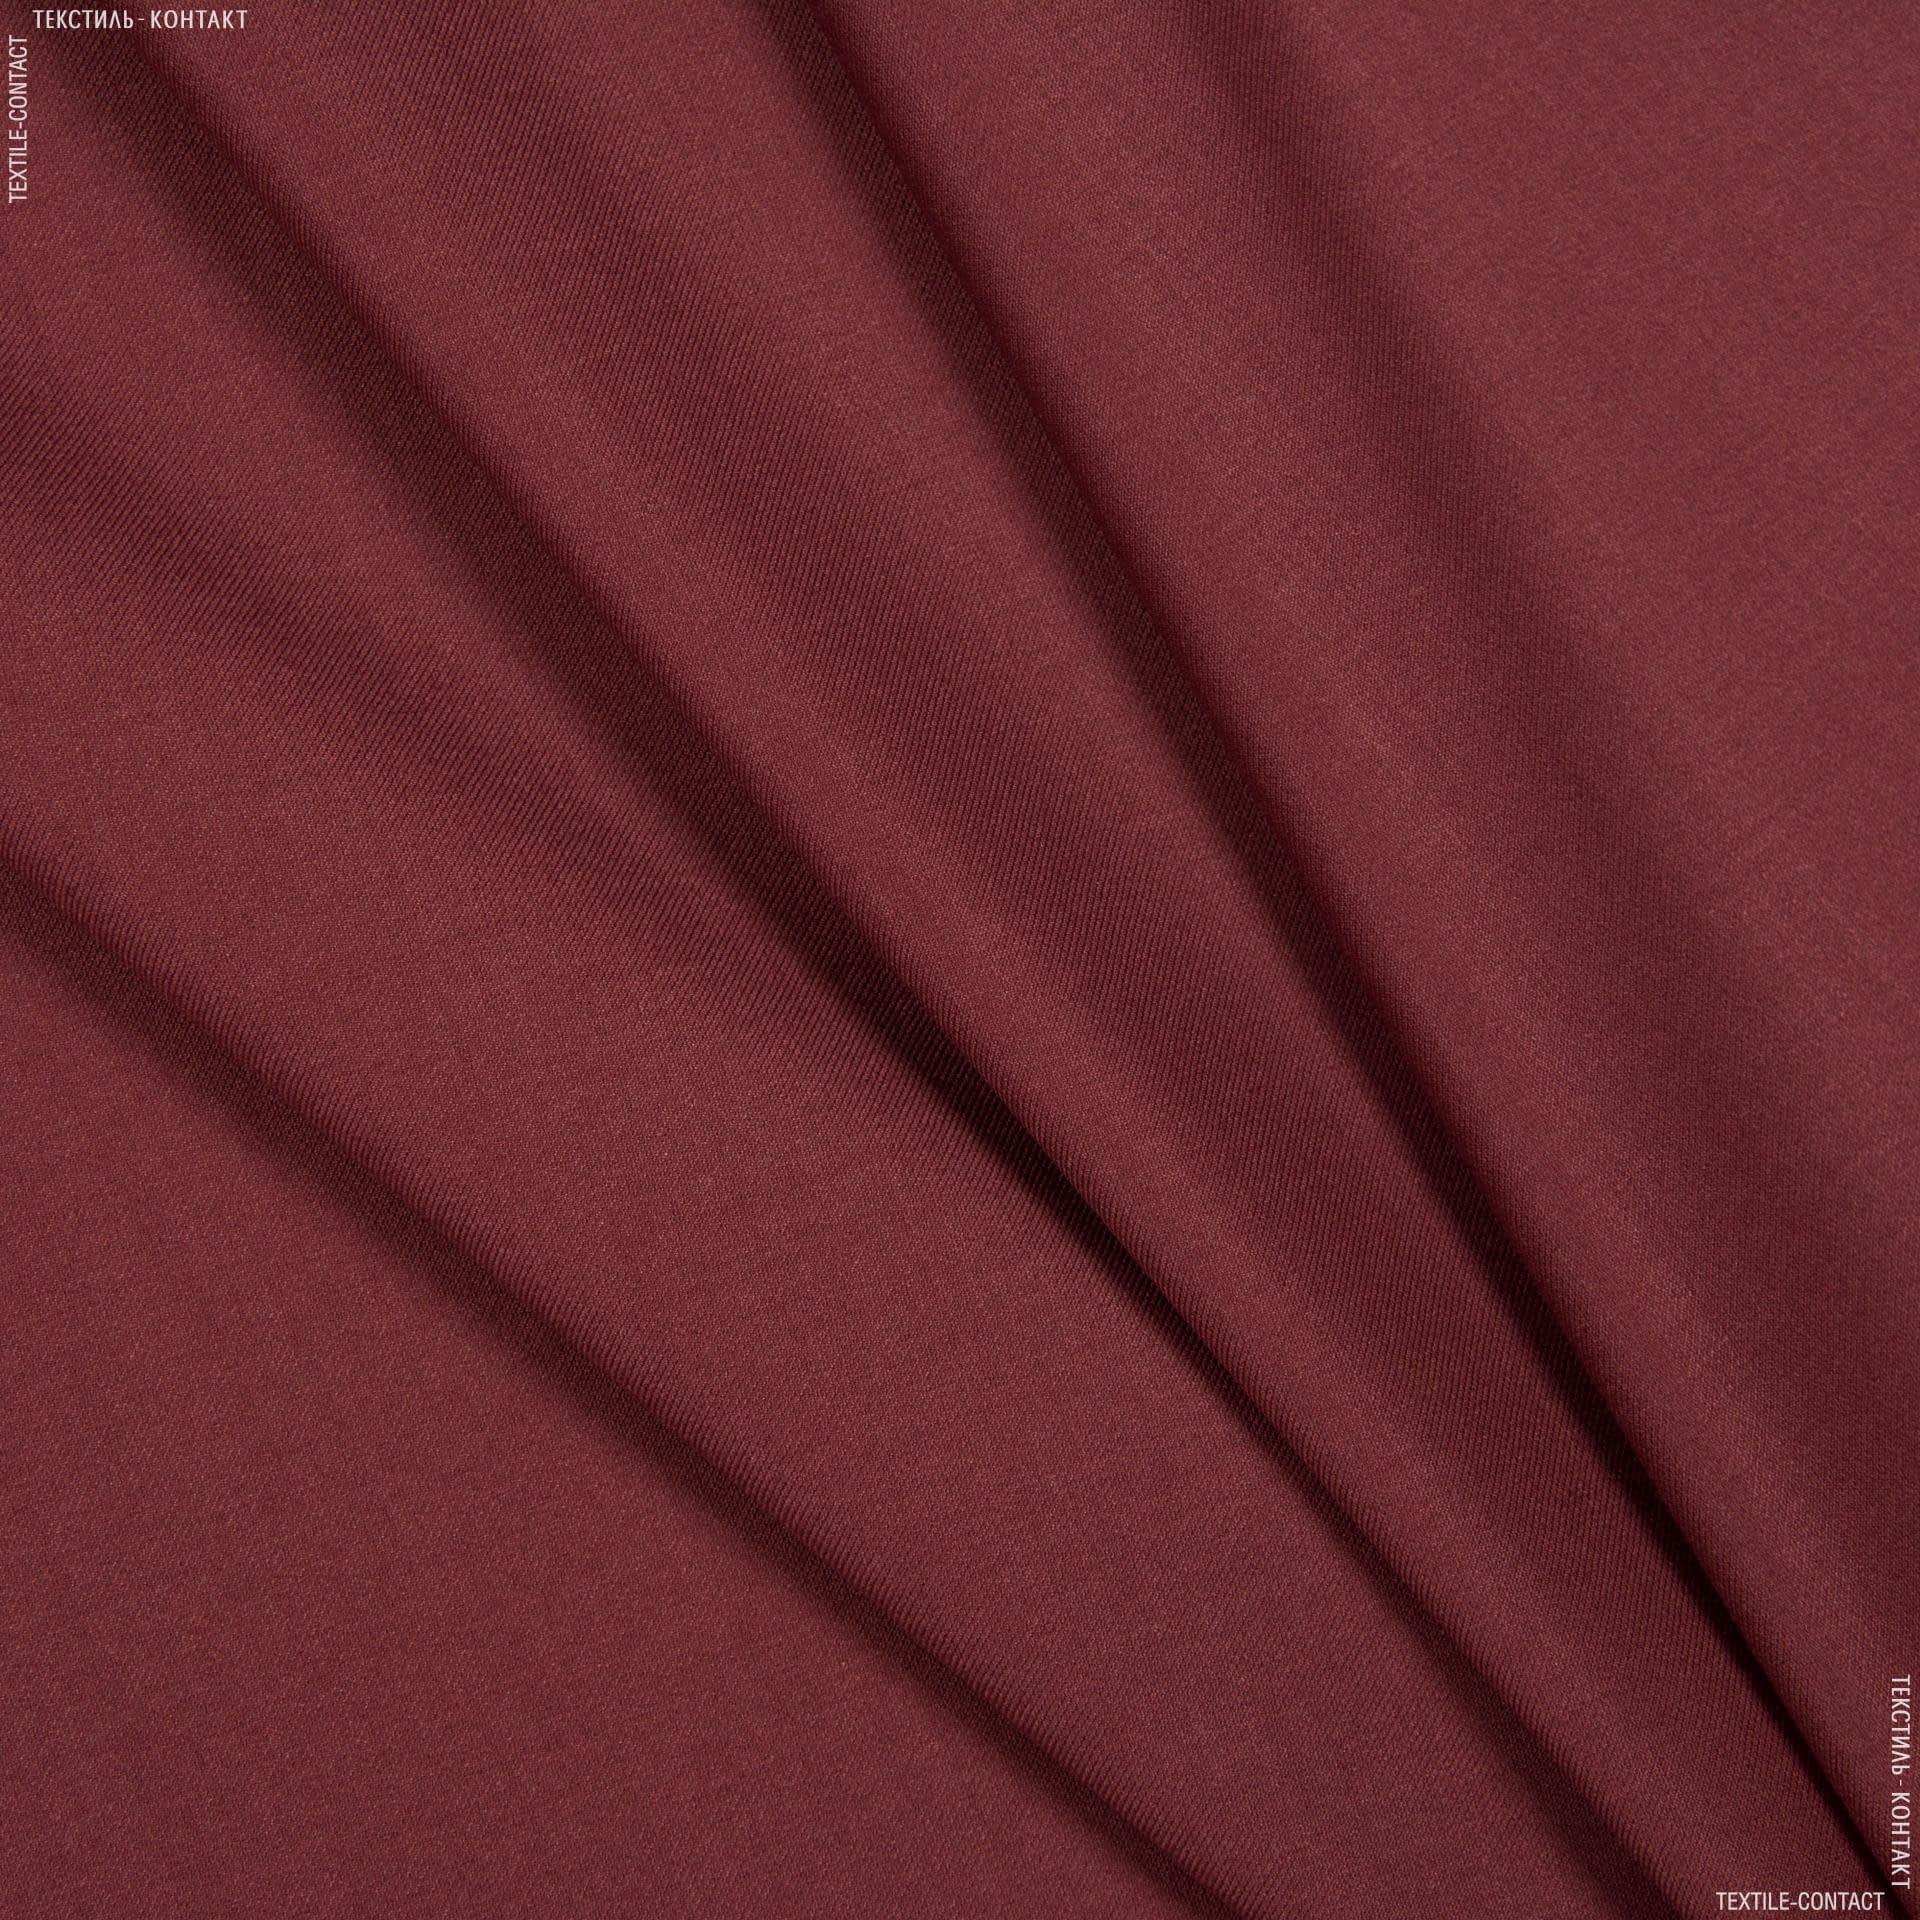 Ткани для костюмов - Школьная бордо